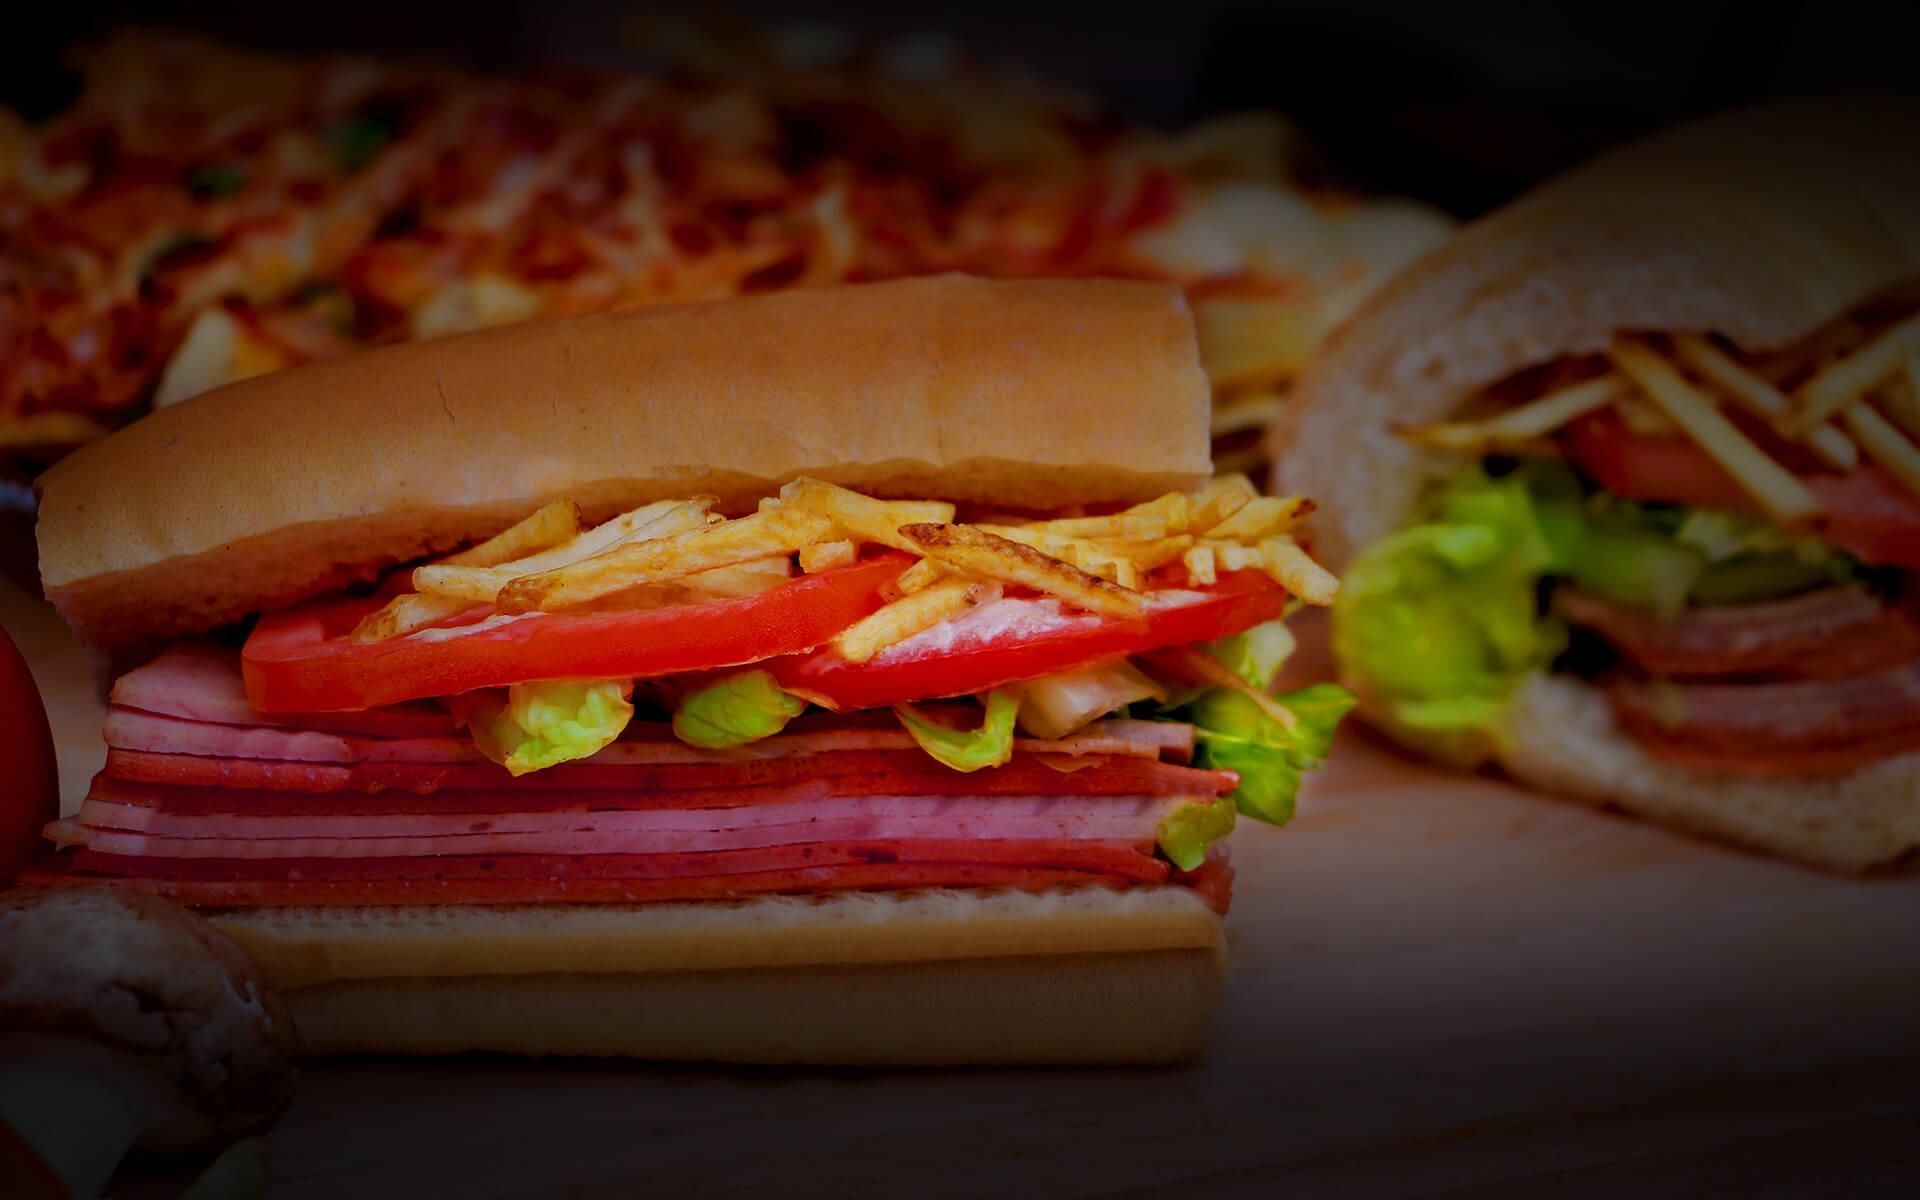 Haida Sandwich Halal